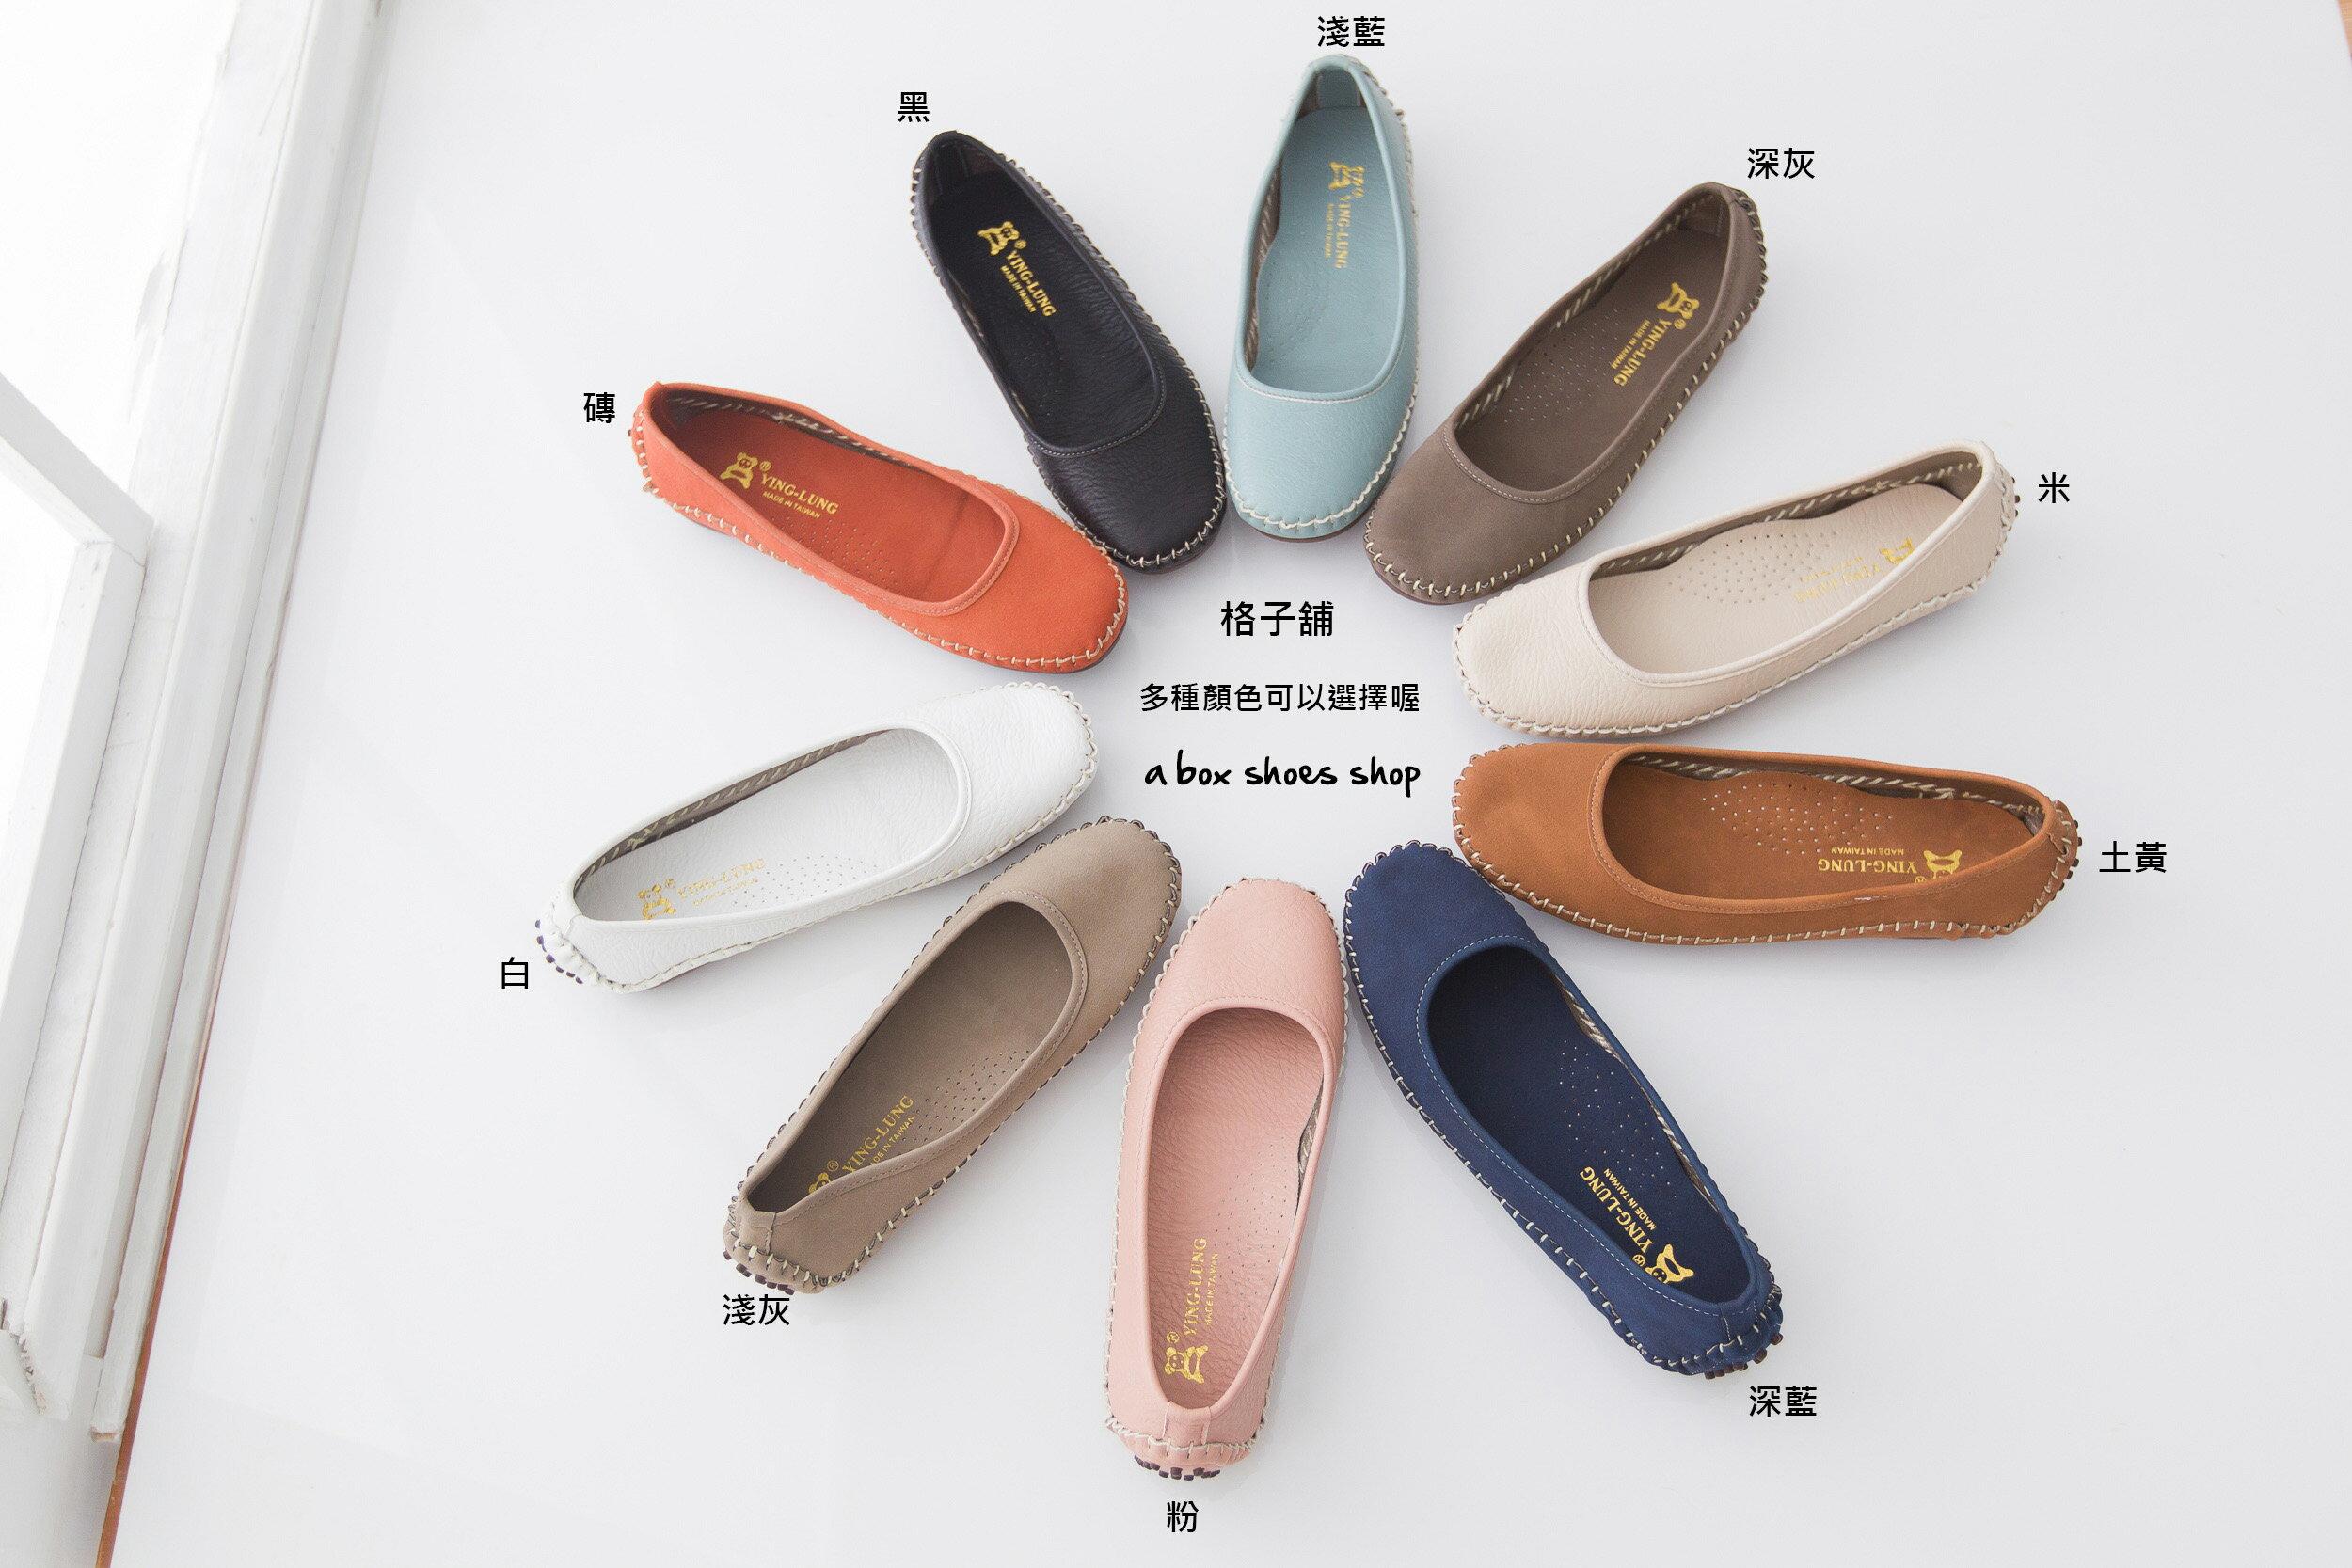 格子舖*【KW7793】2013韓版個性台灣製超柔軟豆豆底縫線設計舒適平底包鞋 豆豆鞋 10色現貨 1